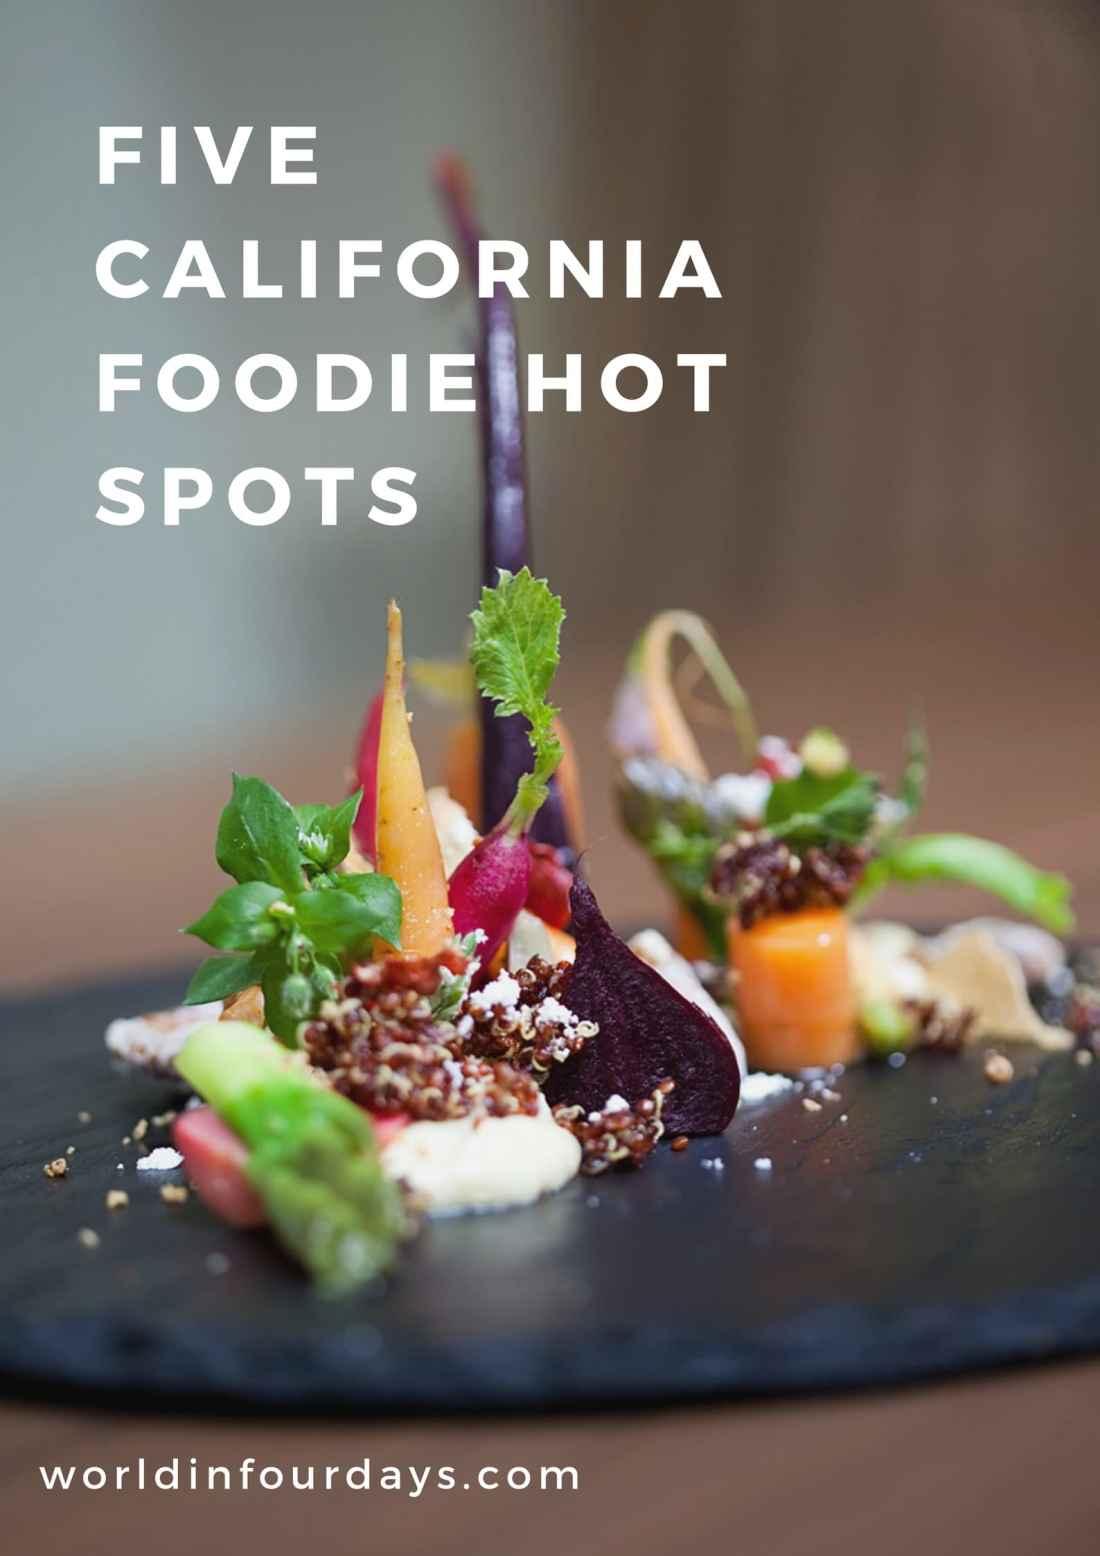 Pin 5 California Food Hot Spots